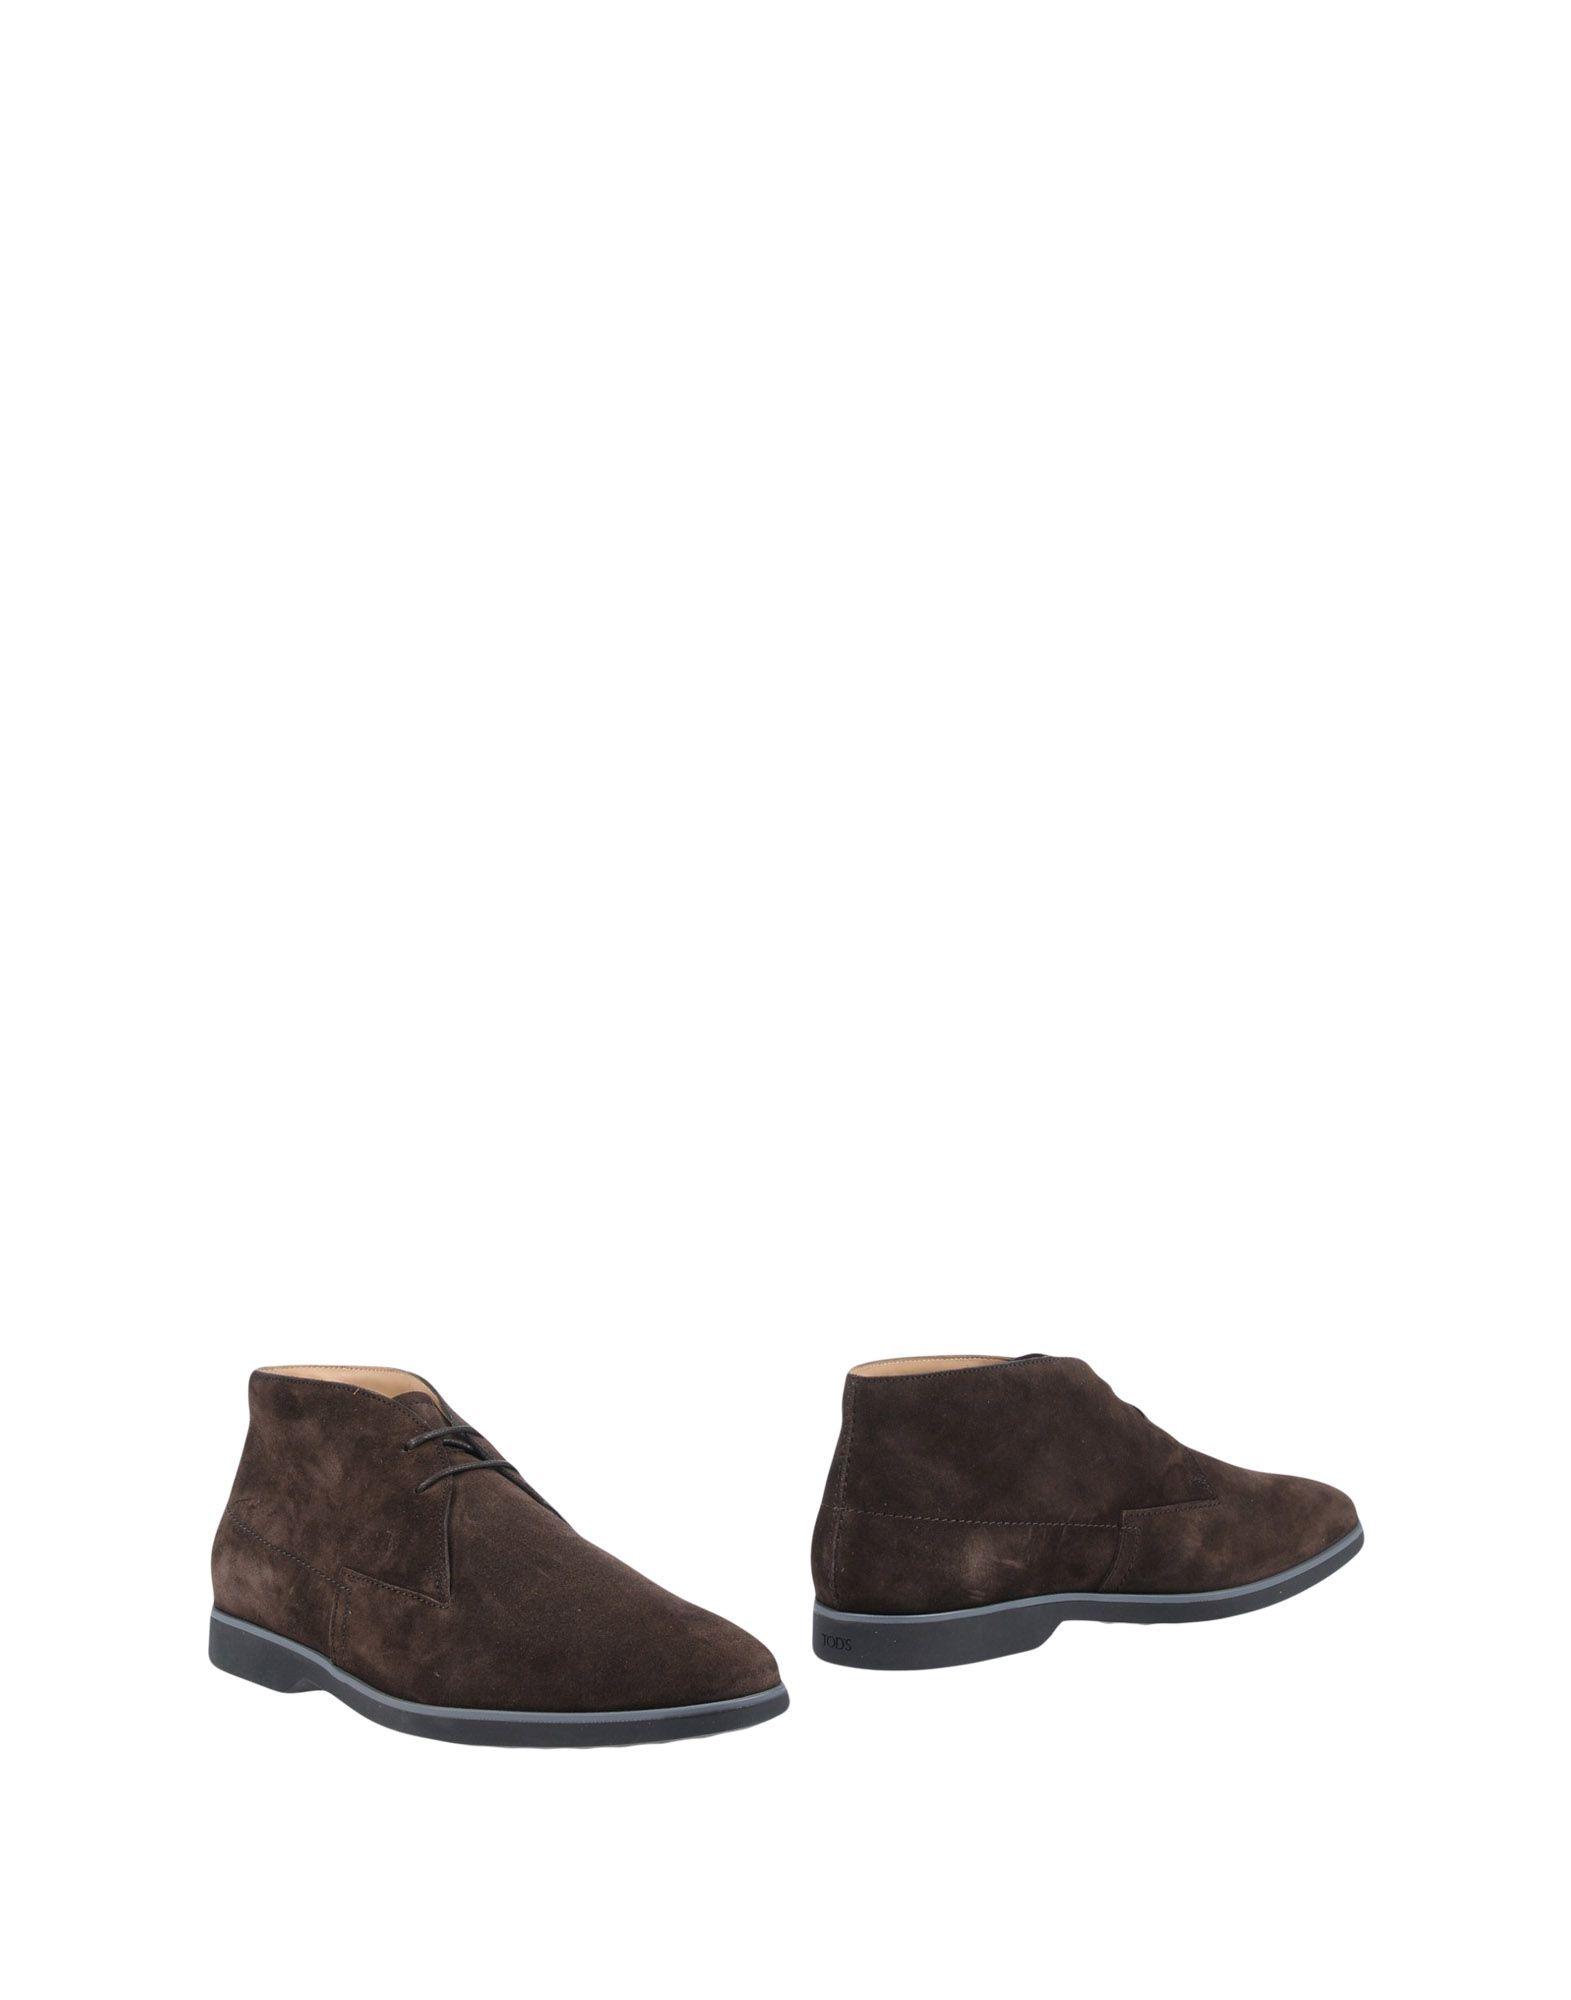 Tod's Stiefelette Qualität Herren  11438536LX Gute Qualität Stiefelette beliebte Schuhe a3ad05